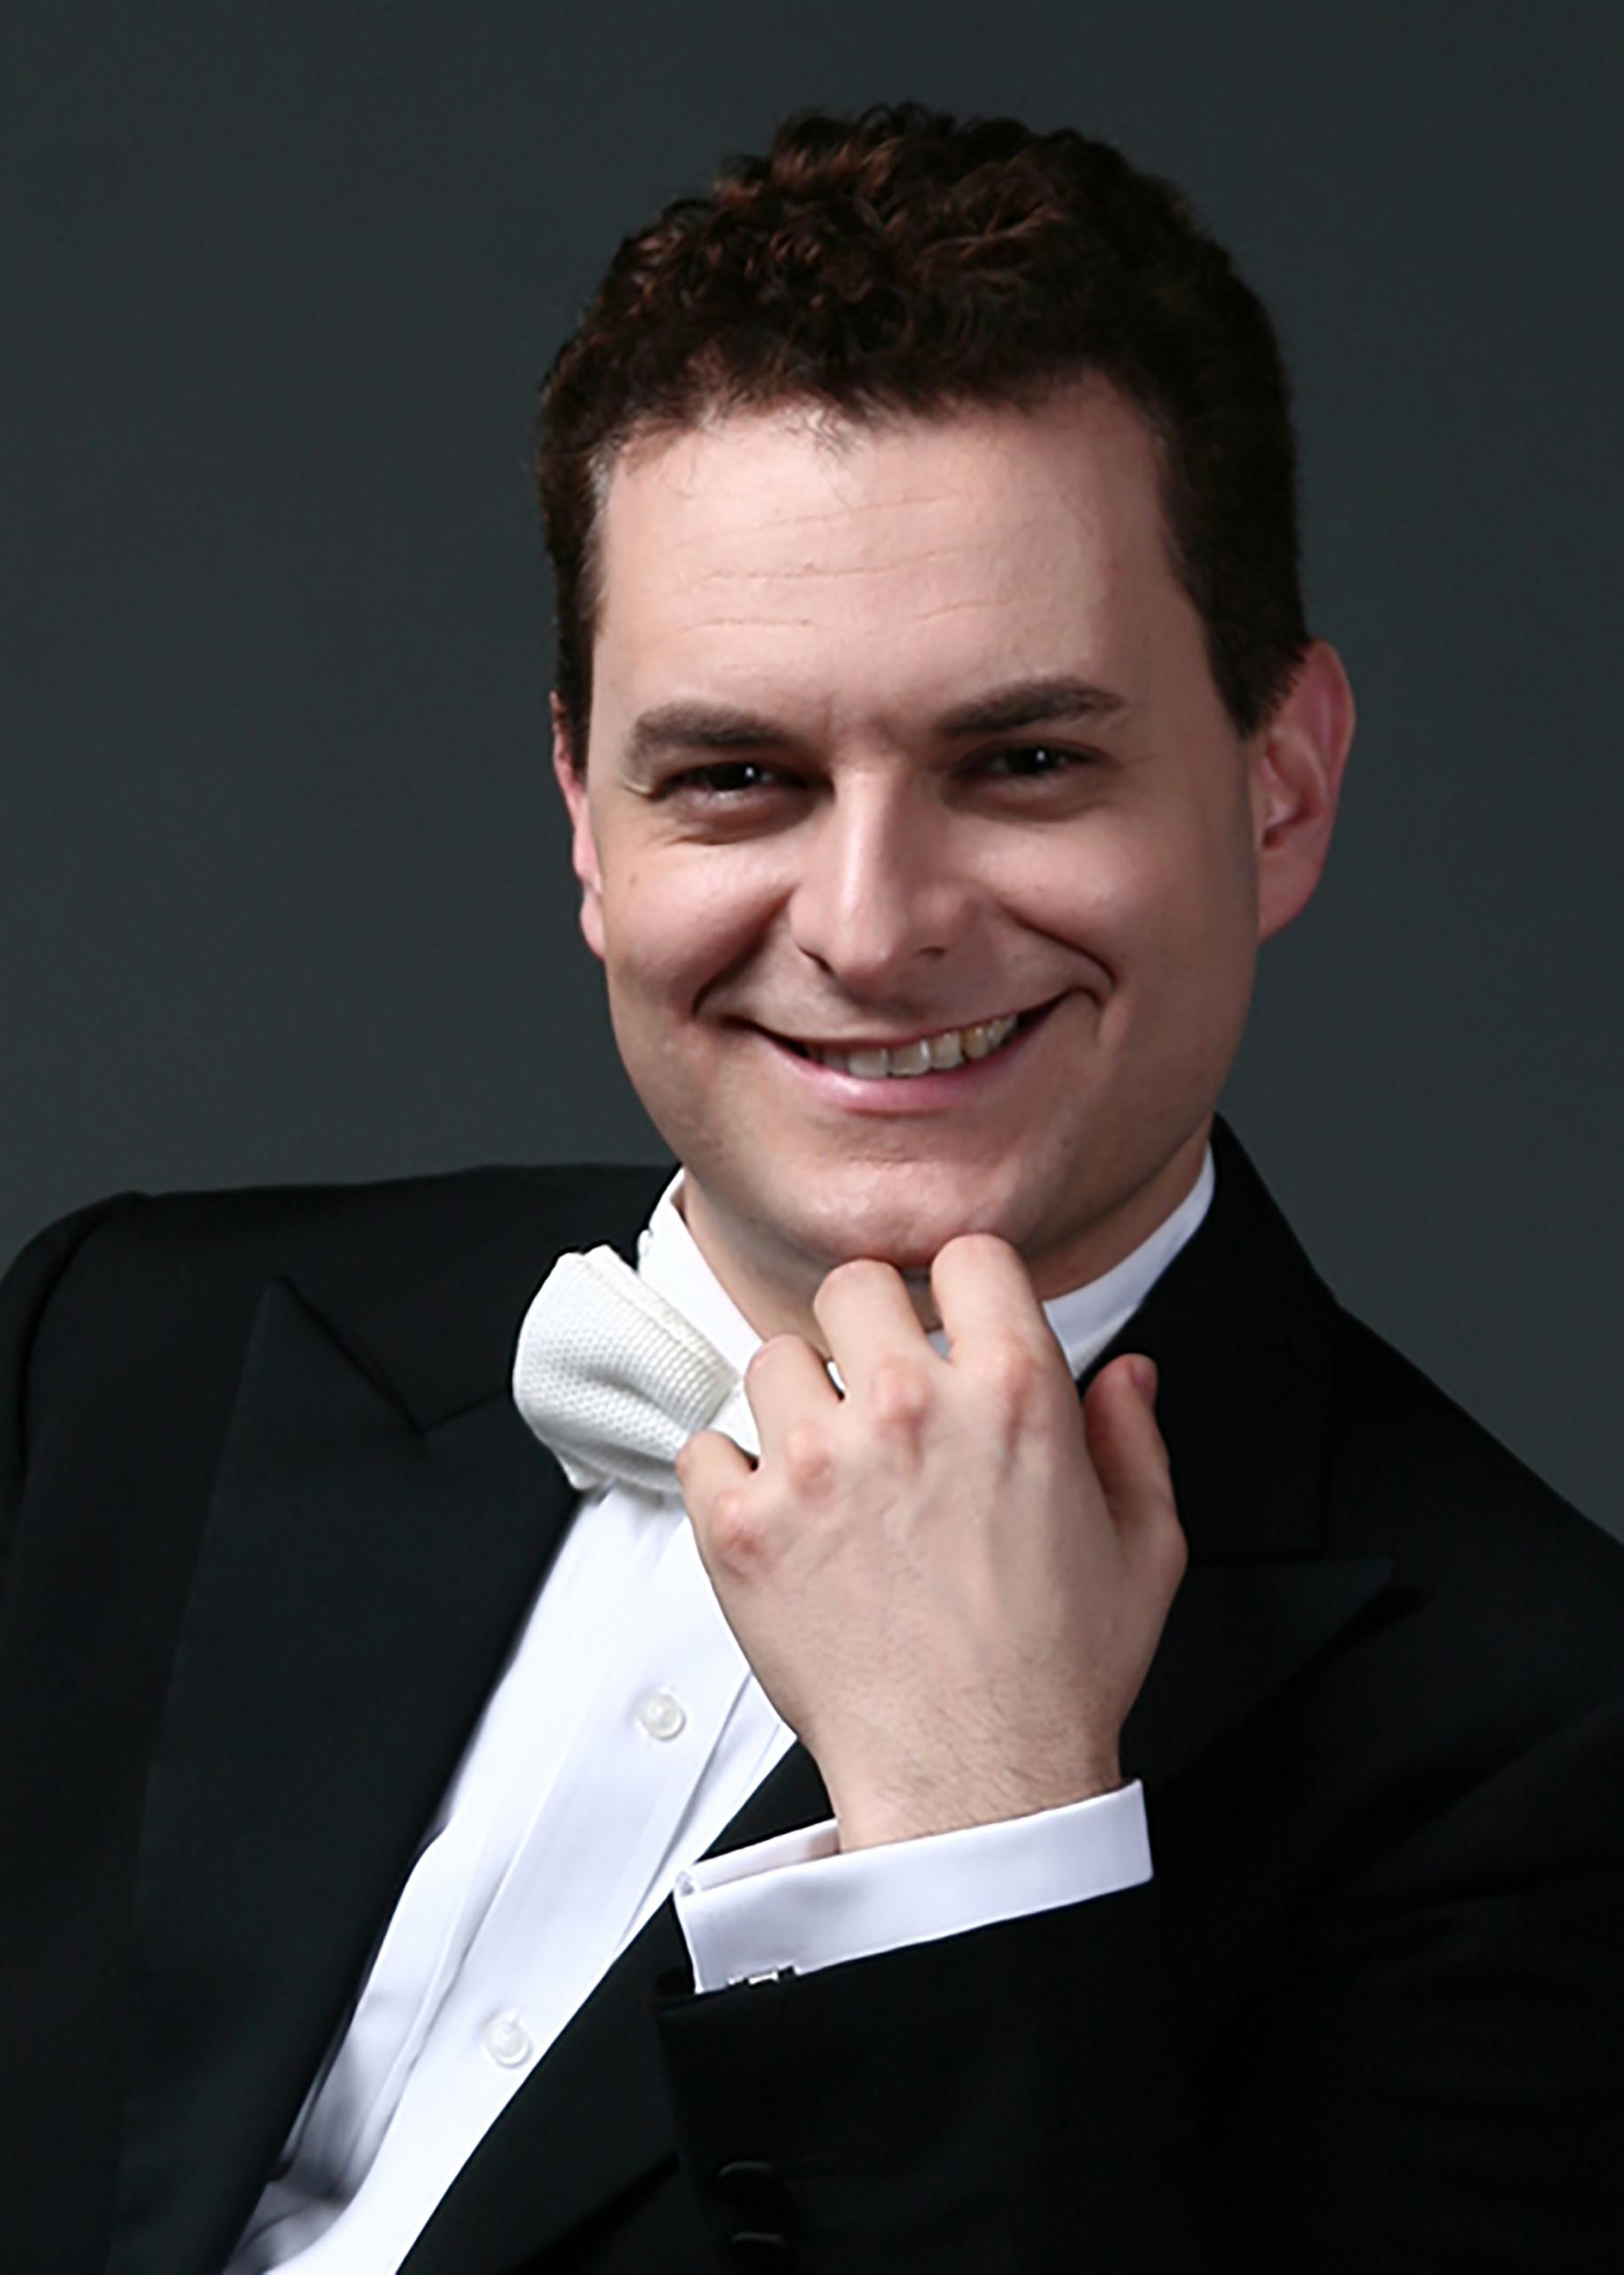 Enrico Elisi